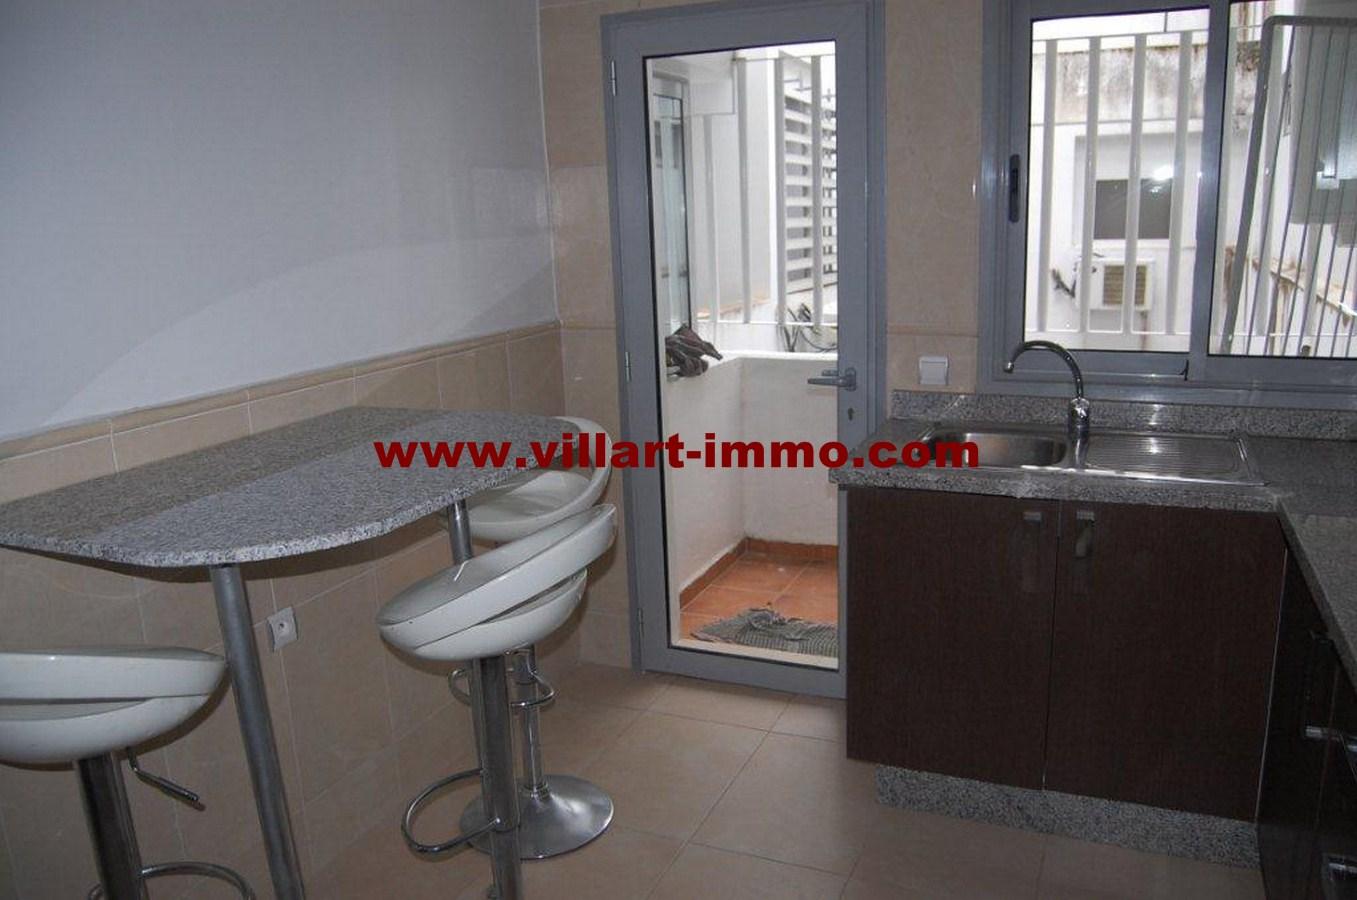 6-vente-appartement-tanger-centre-cuisine-va456-villart-immo